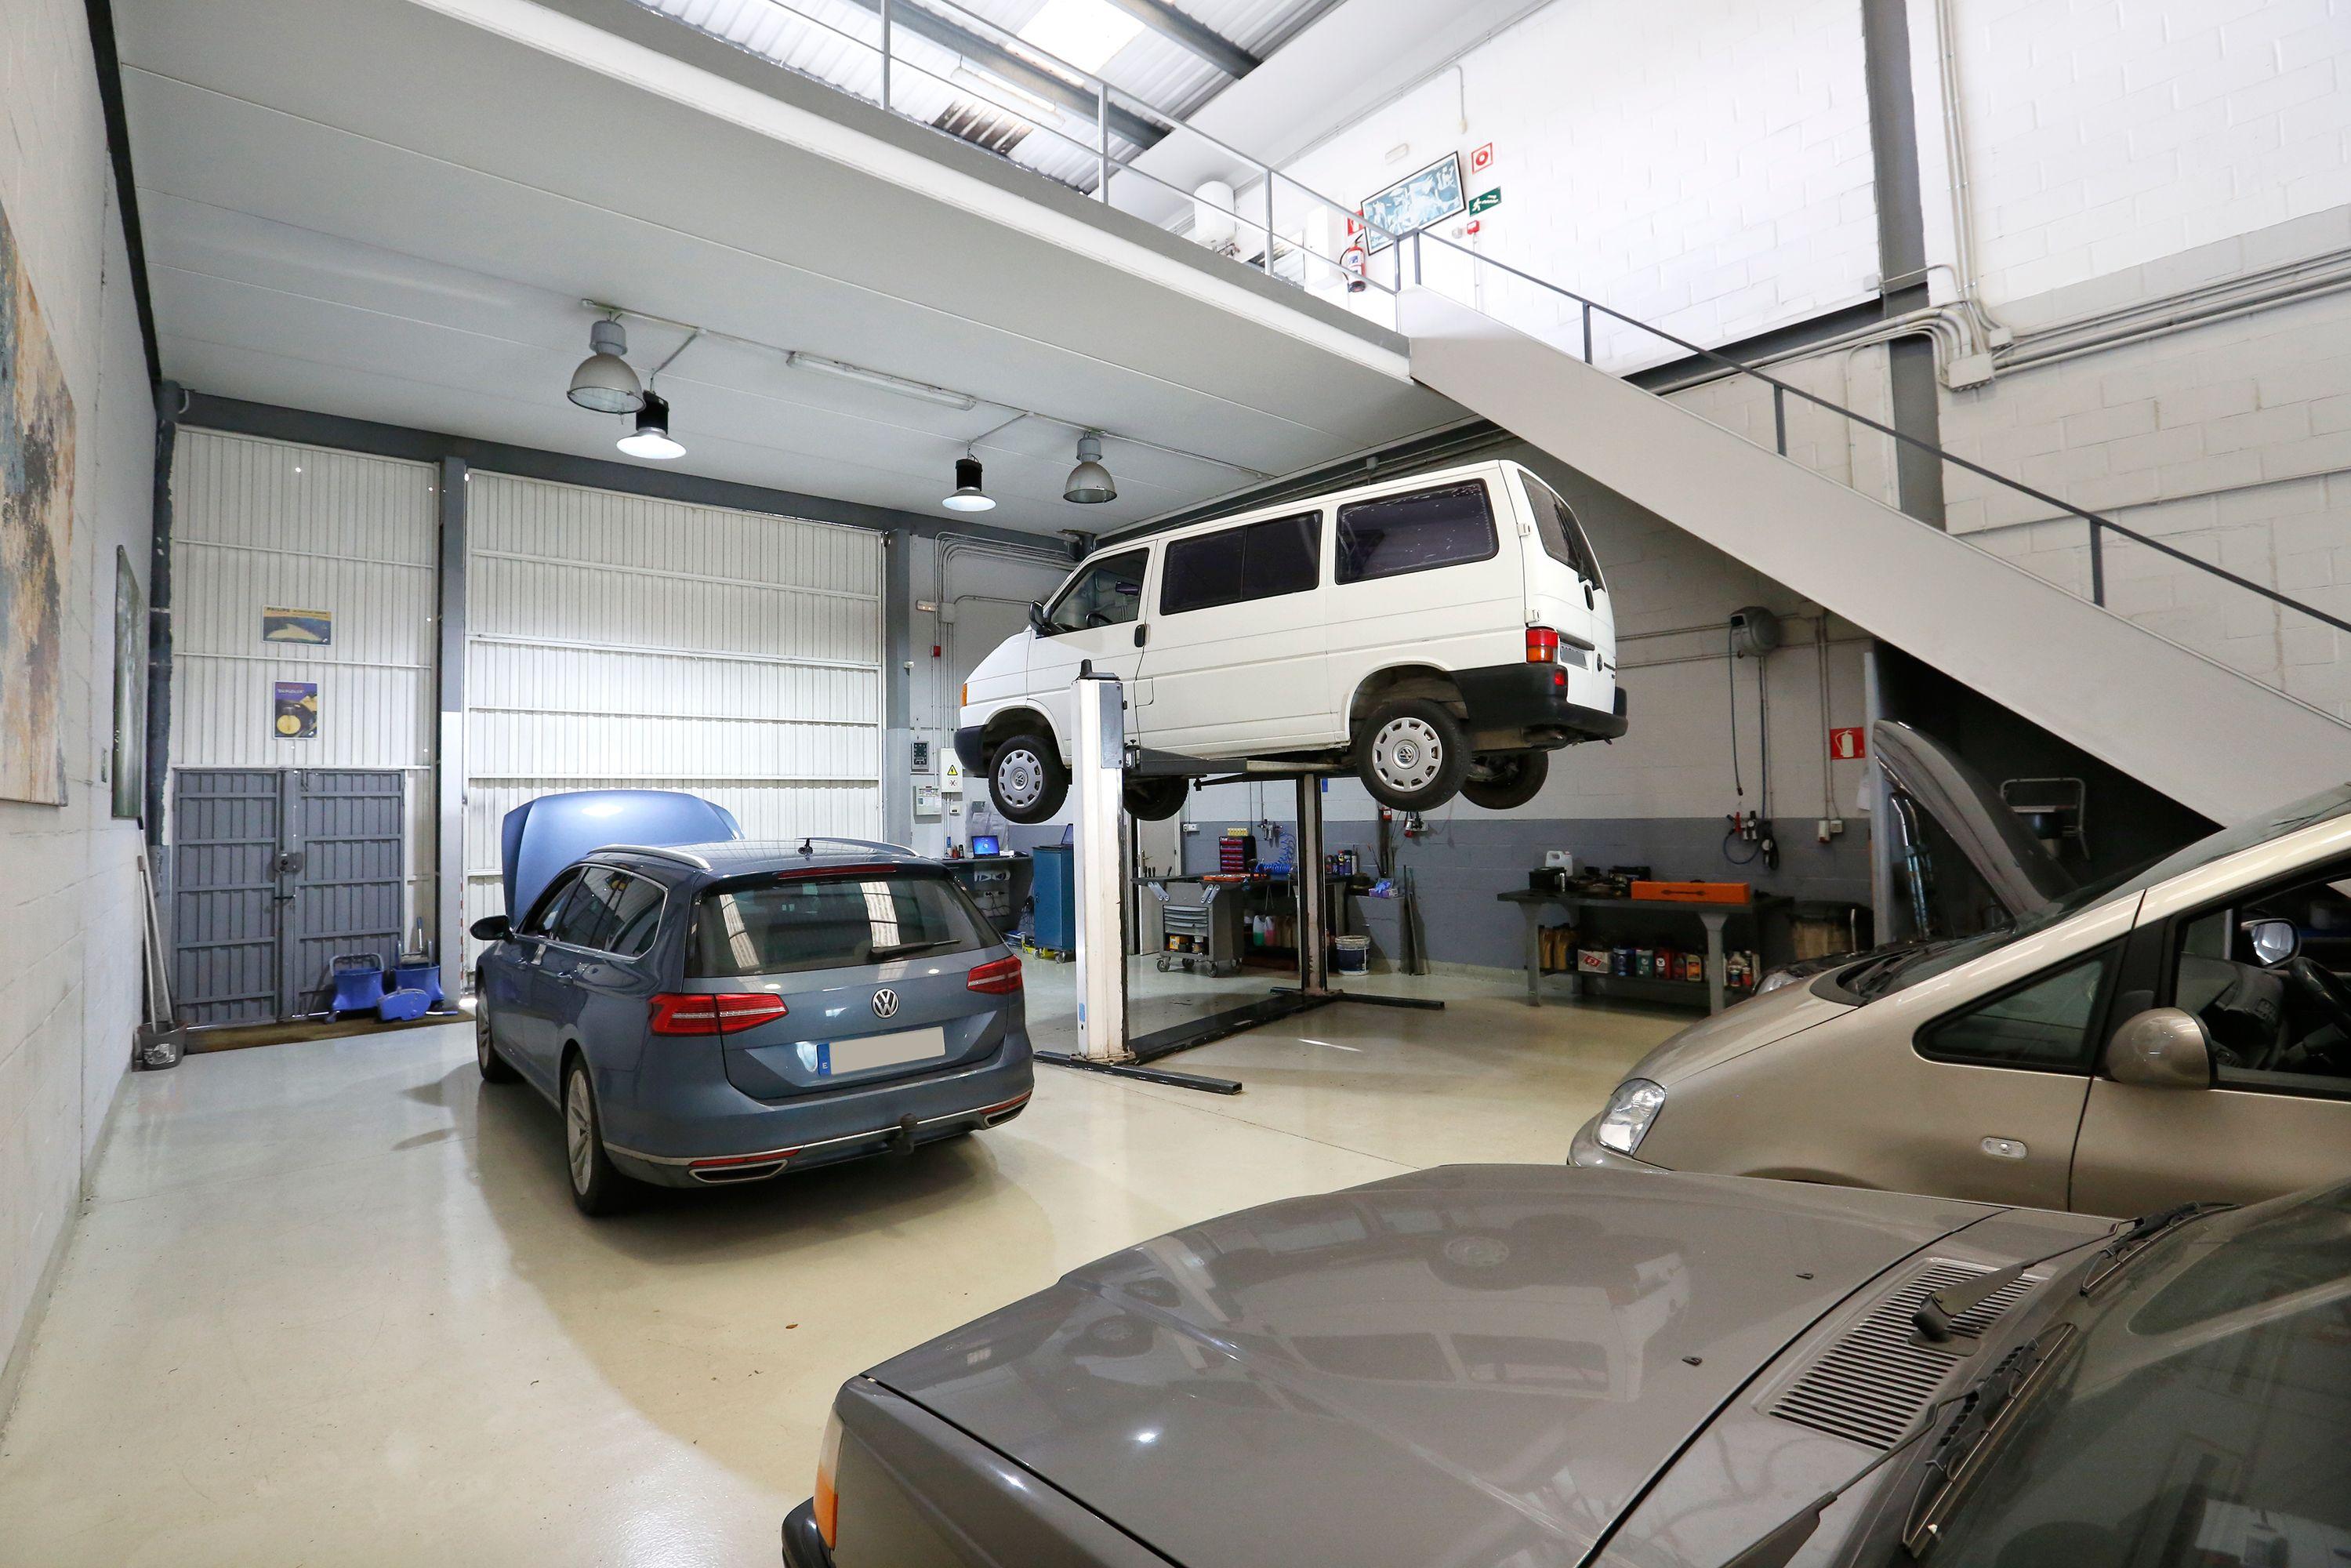 Mantenimiento de vehículos multimarca en Getxo